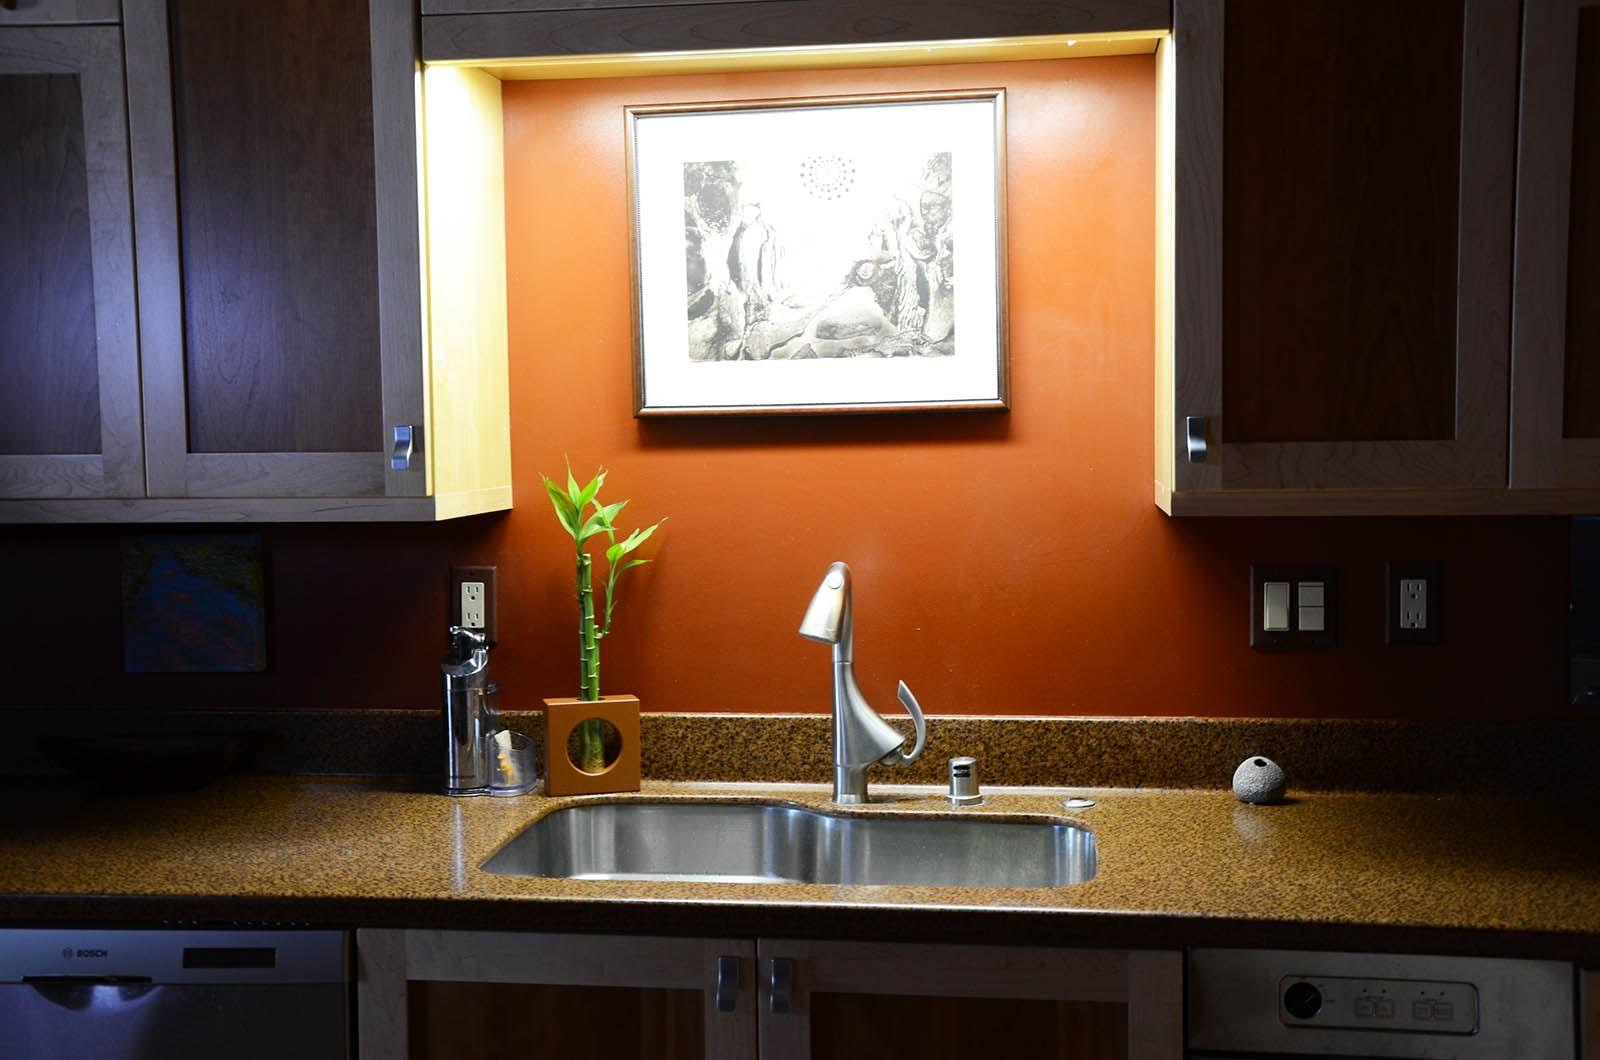 Kitchen light switch height sinhvienthienan pinterest